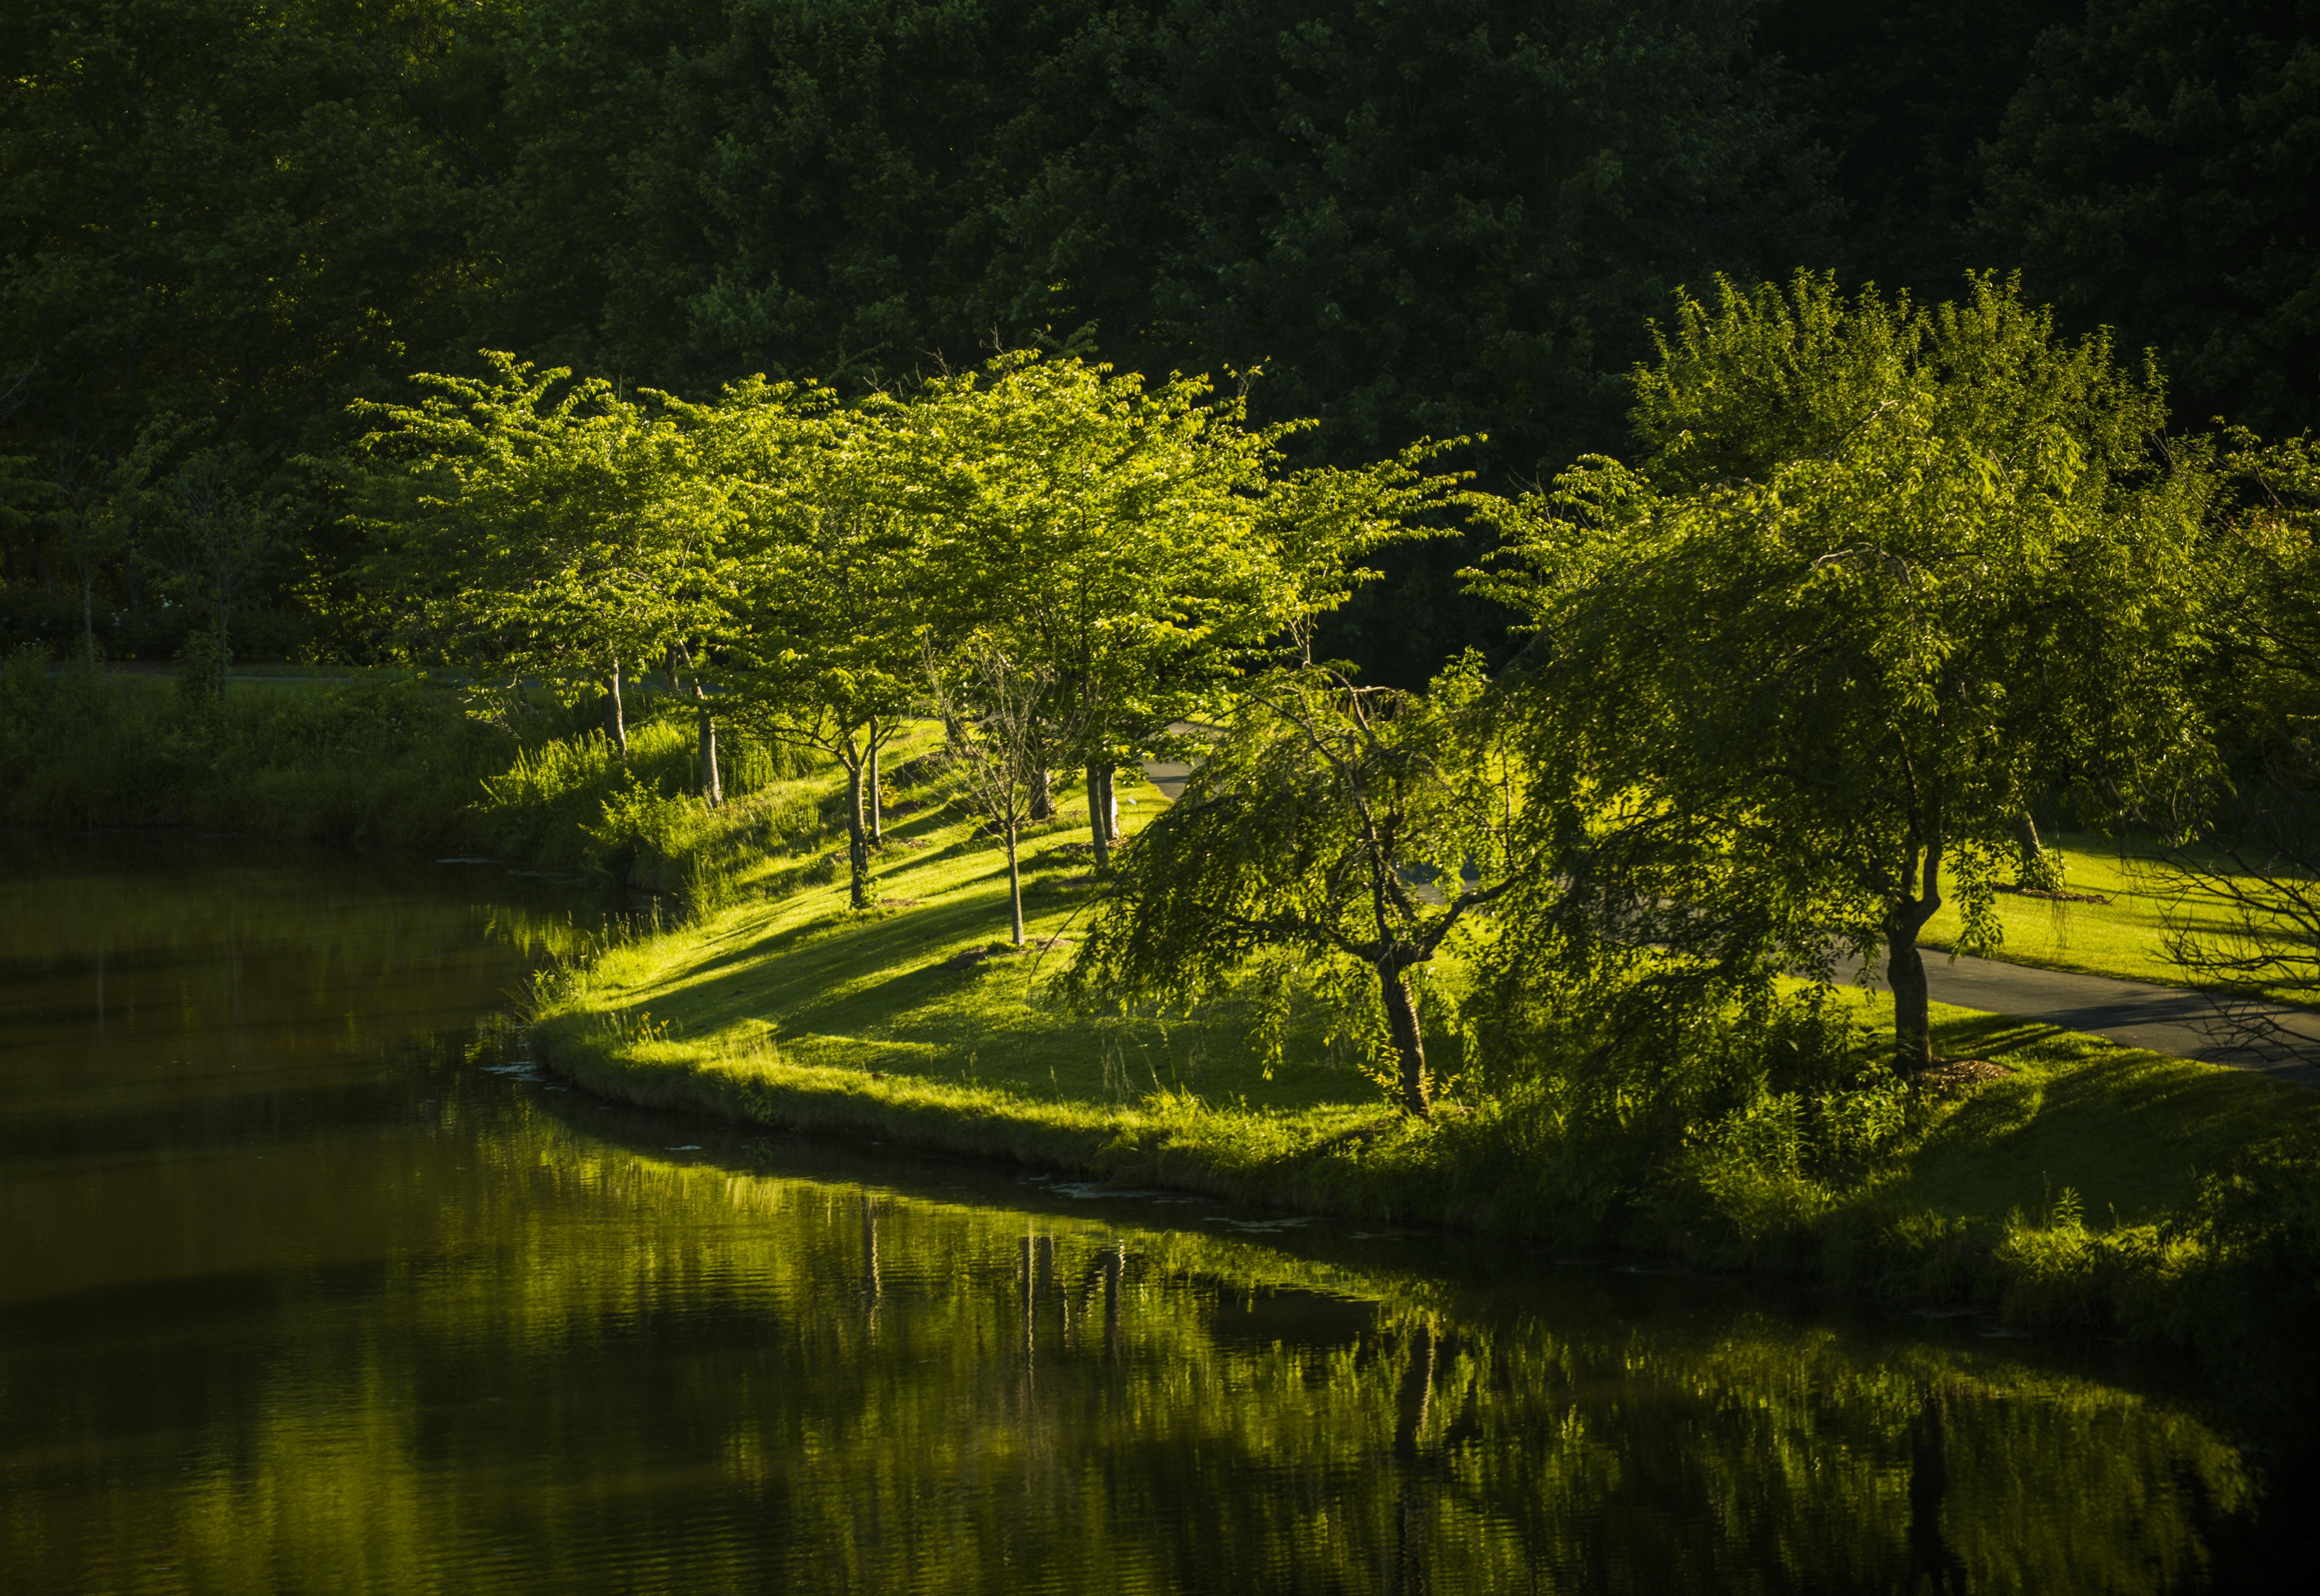 156614壁紙のダウンロードバージニア, バージニア州, 公園, 湖, 自然, 木-スクリーンセーバーと写真を無料で